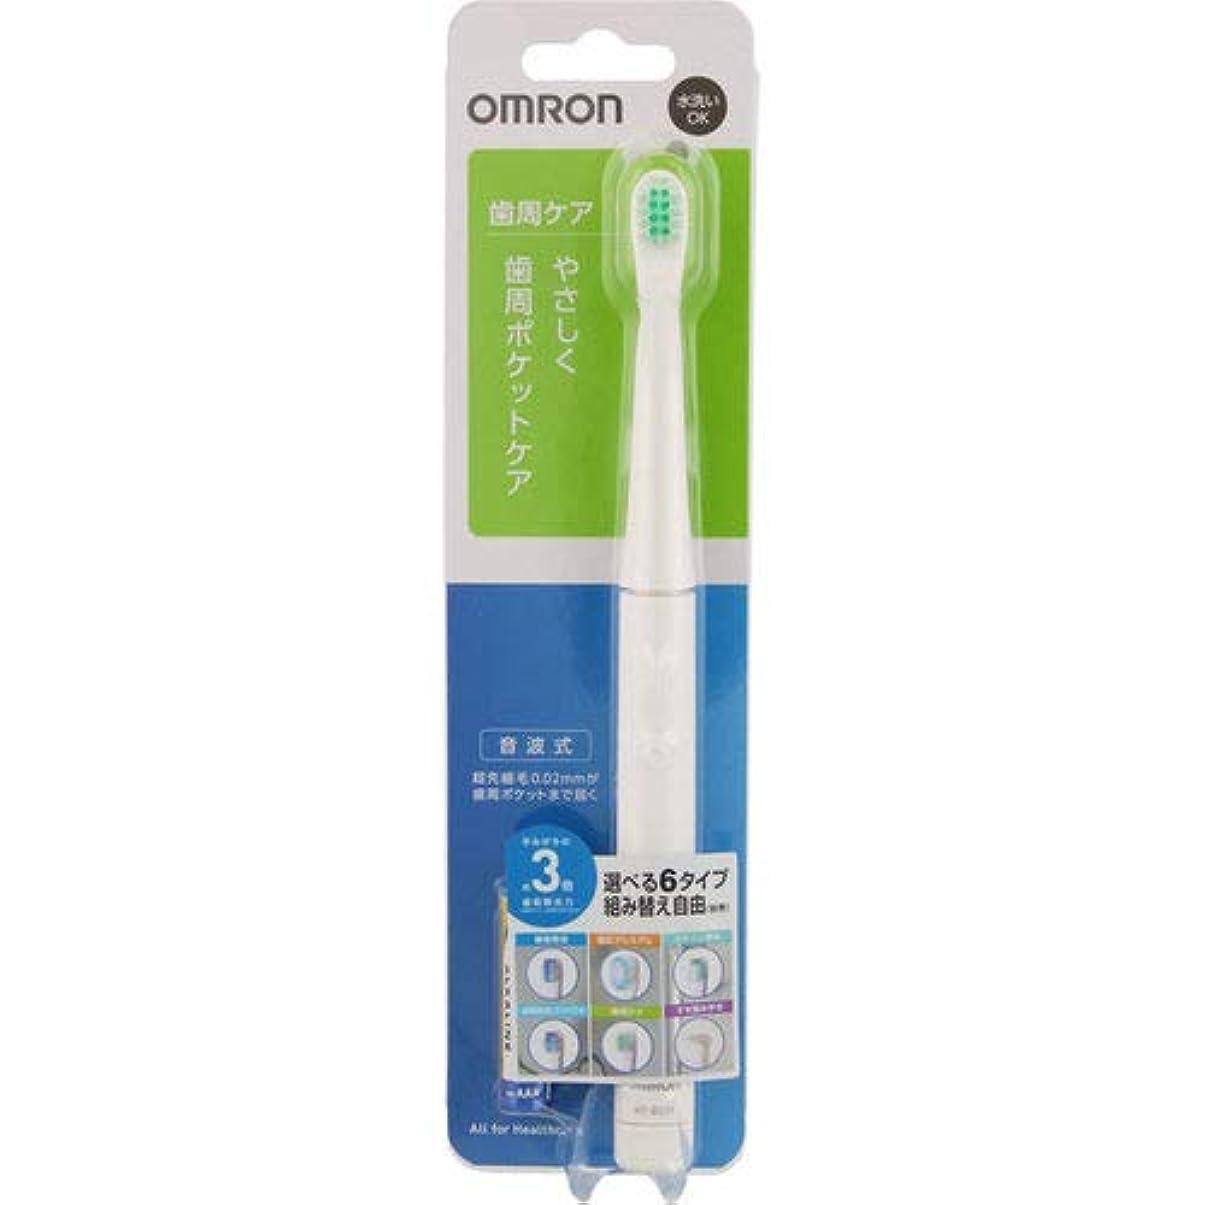 花火とらえどころのない最大オムロン 電動歯ブラシ HT-B221-W ホワイト 電池式